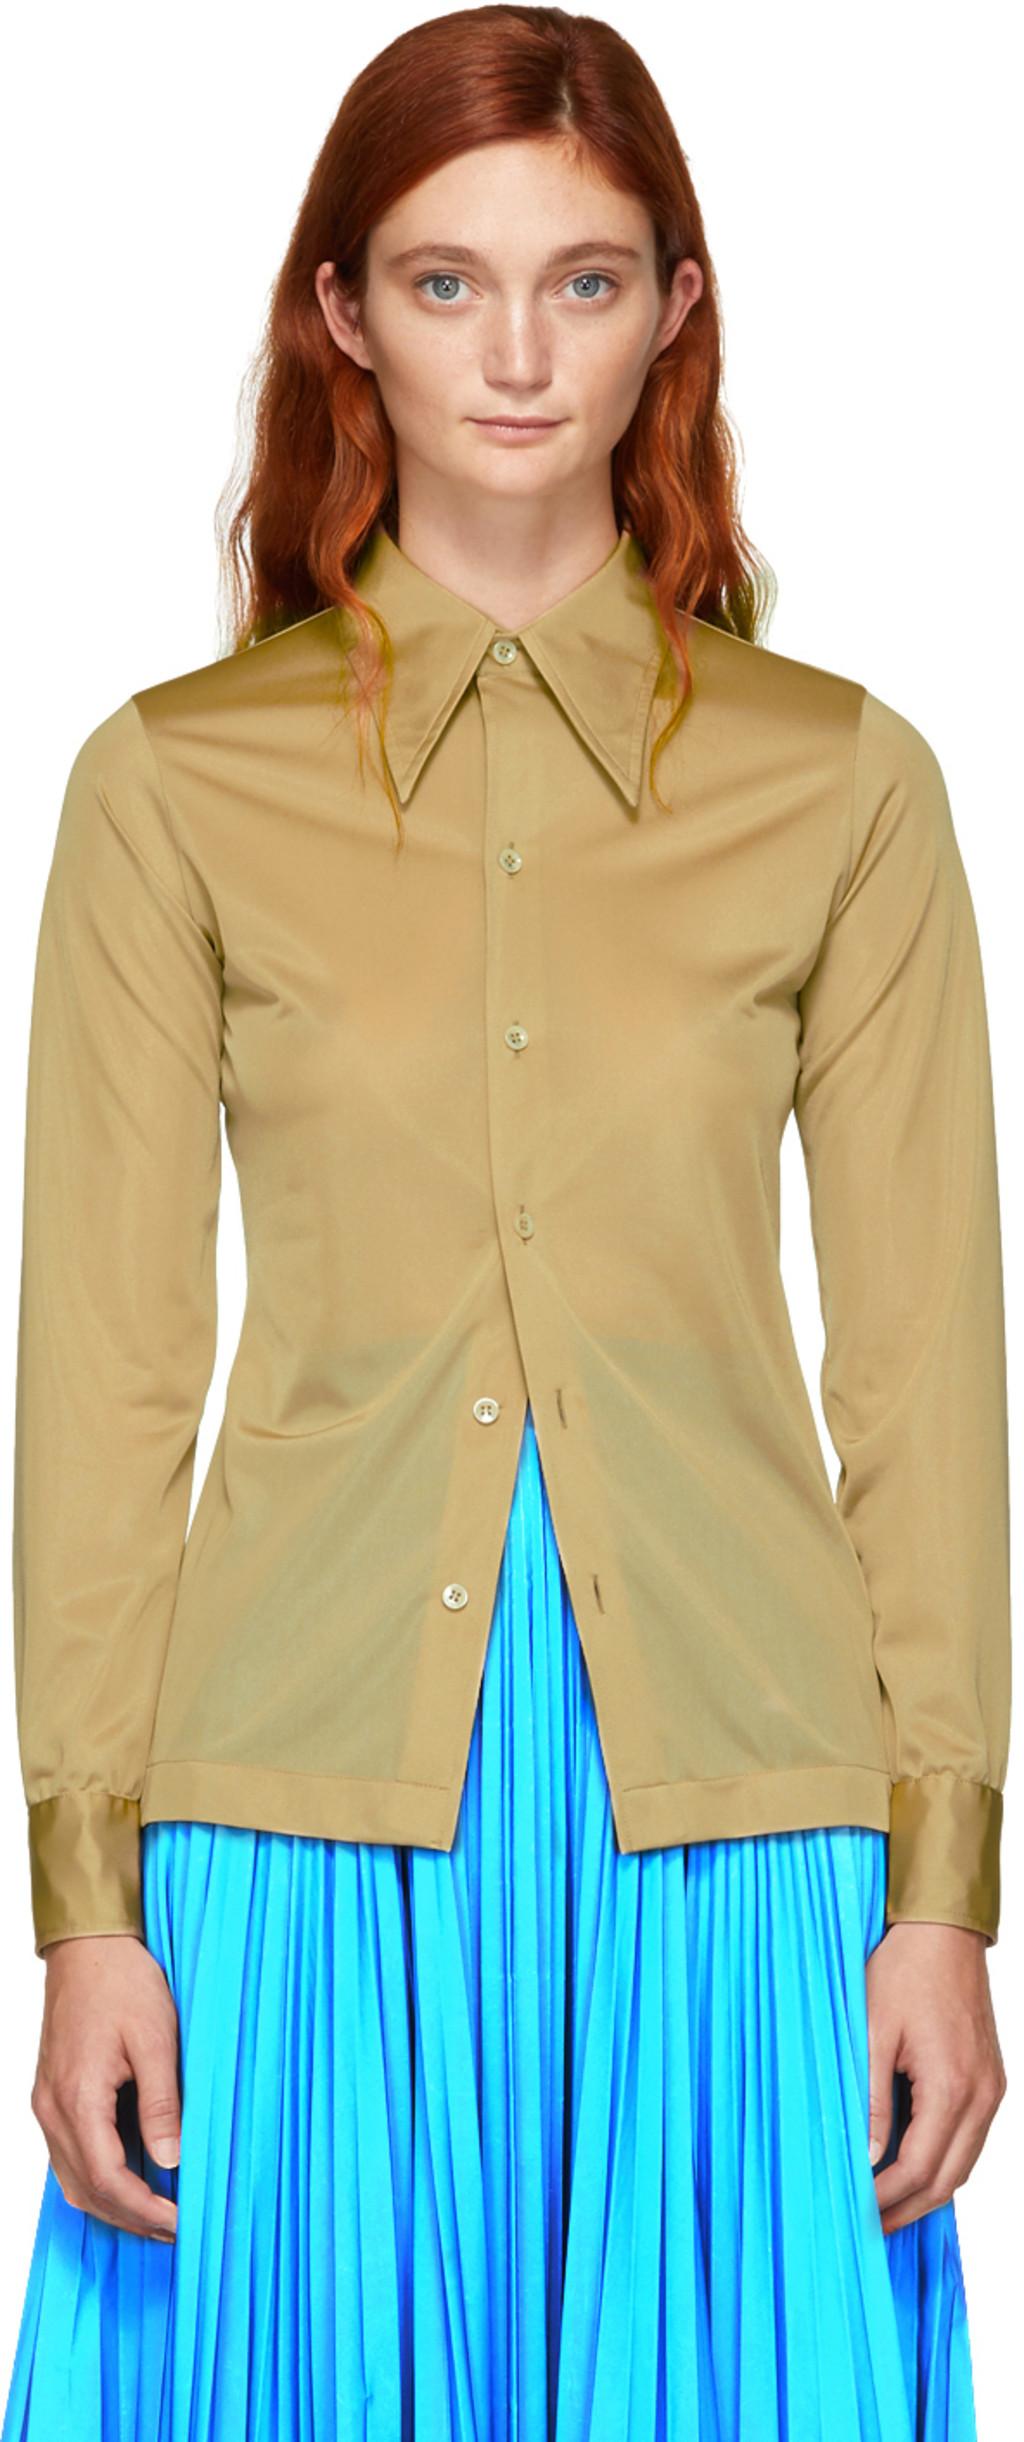 Maison Margiela For Women Fw18 Collection Ssense Mille Shopia Top Creme Beige L